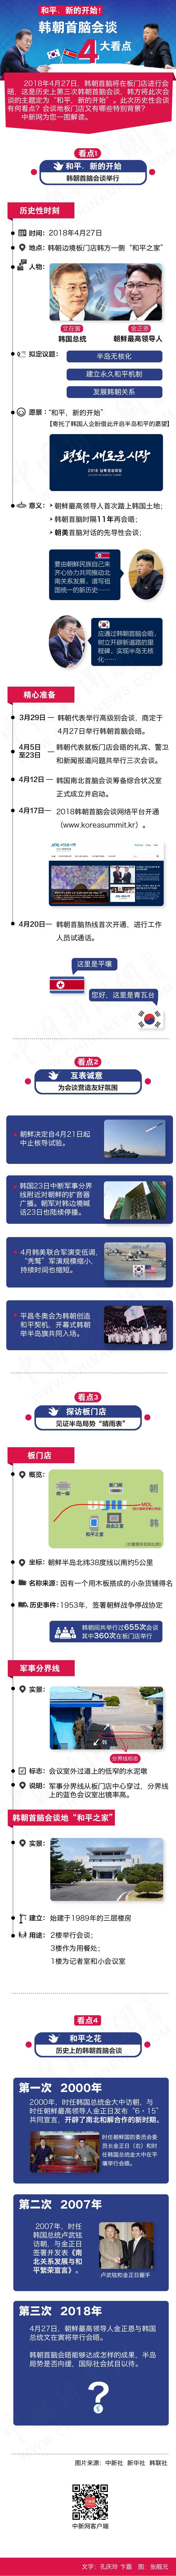 一图解读韩朝首脑会晤四大看点(制图:中新网)